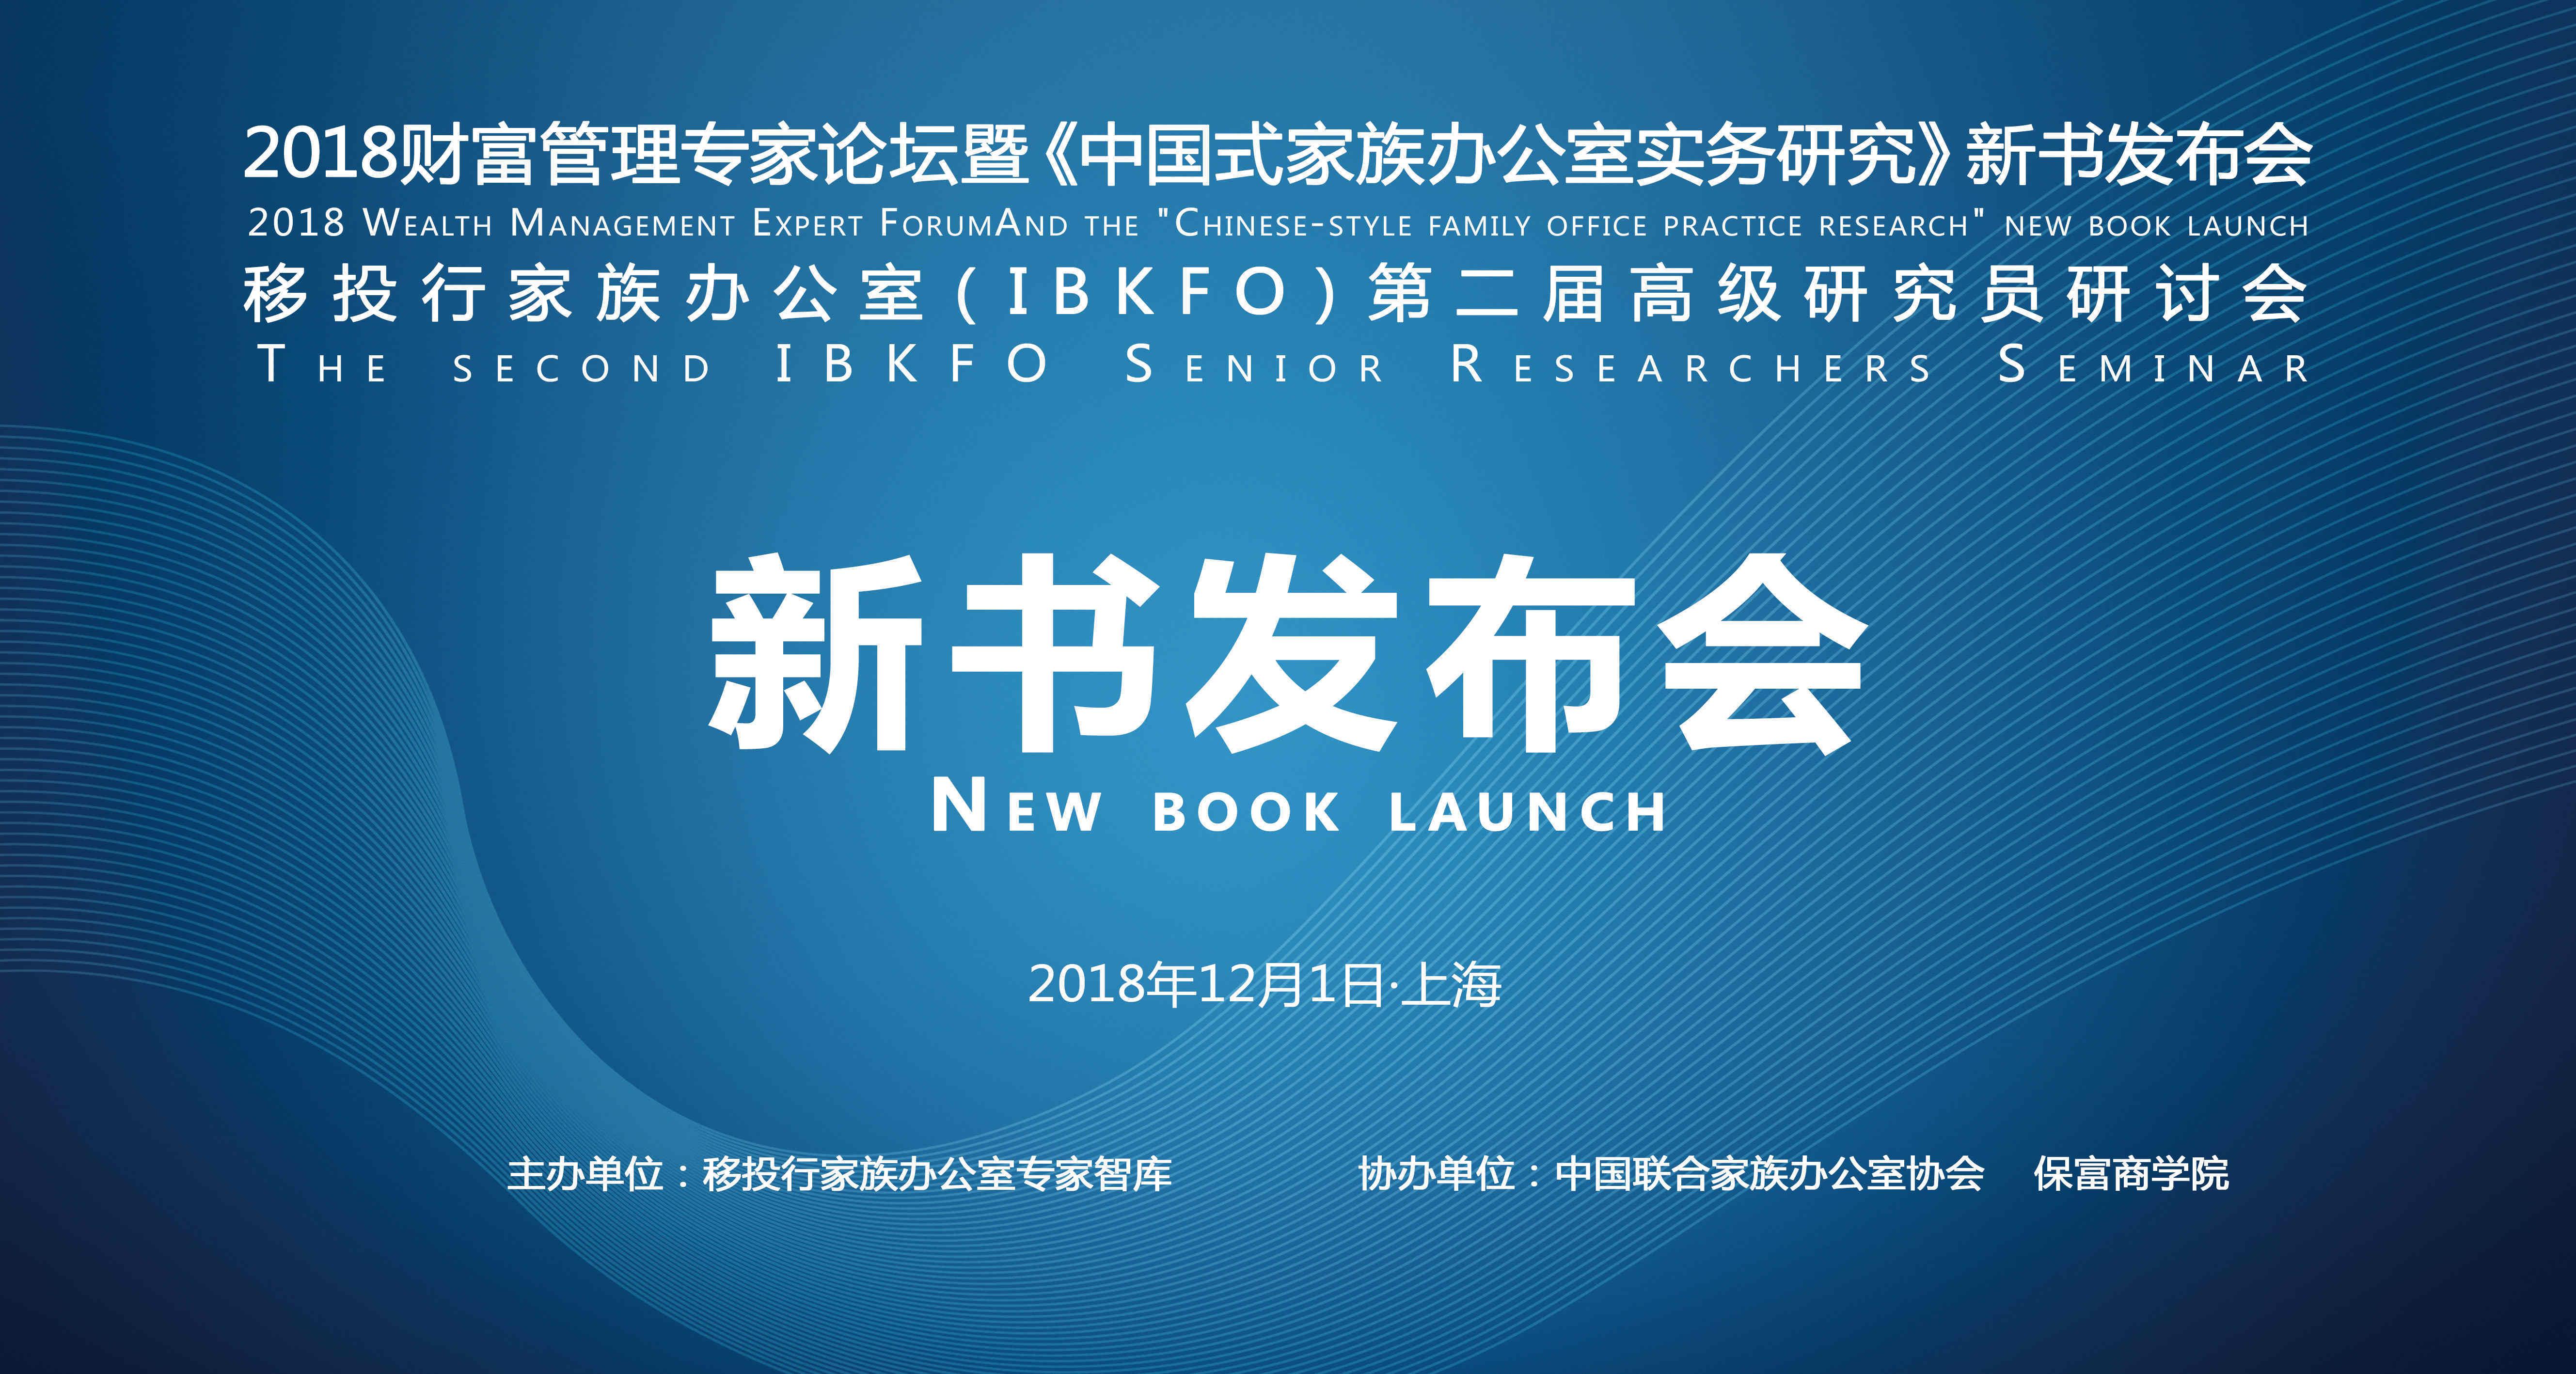 2018财富管理专家论坛 暨《中国式家族办公室实务研究》新书发布会